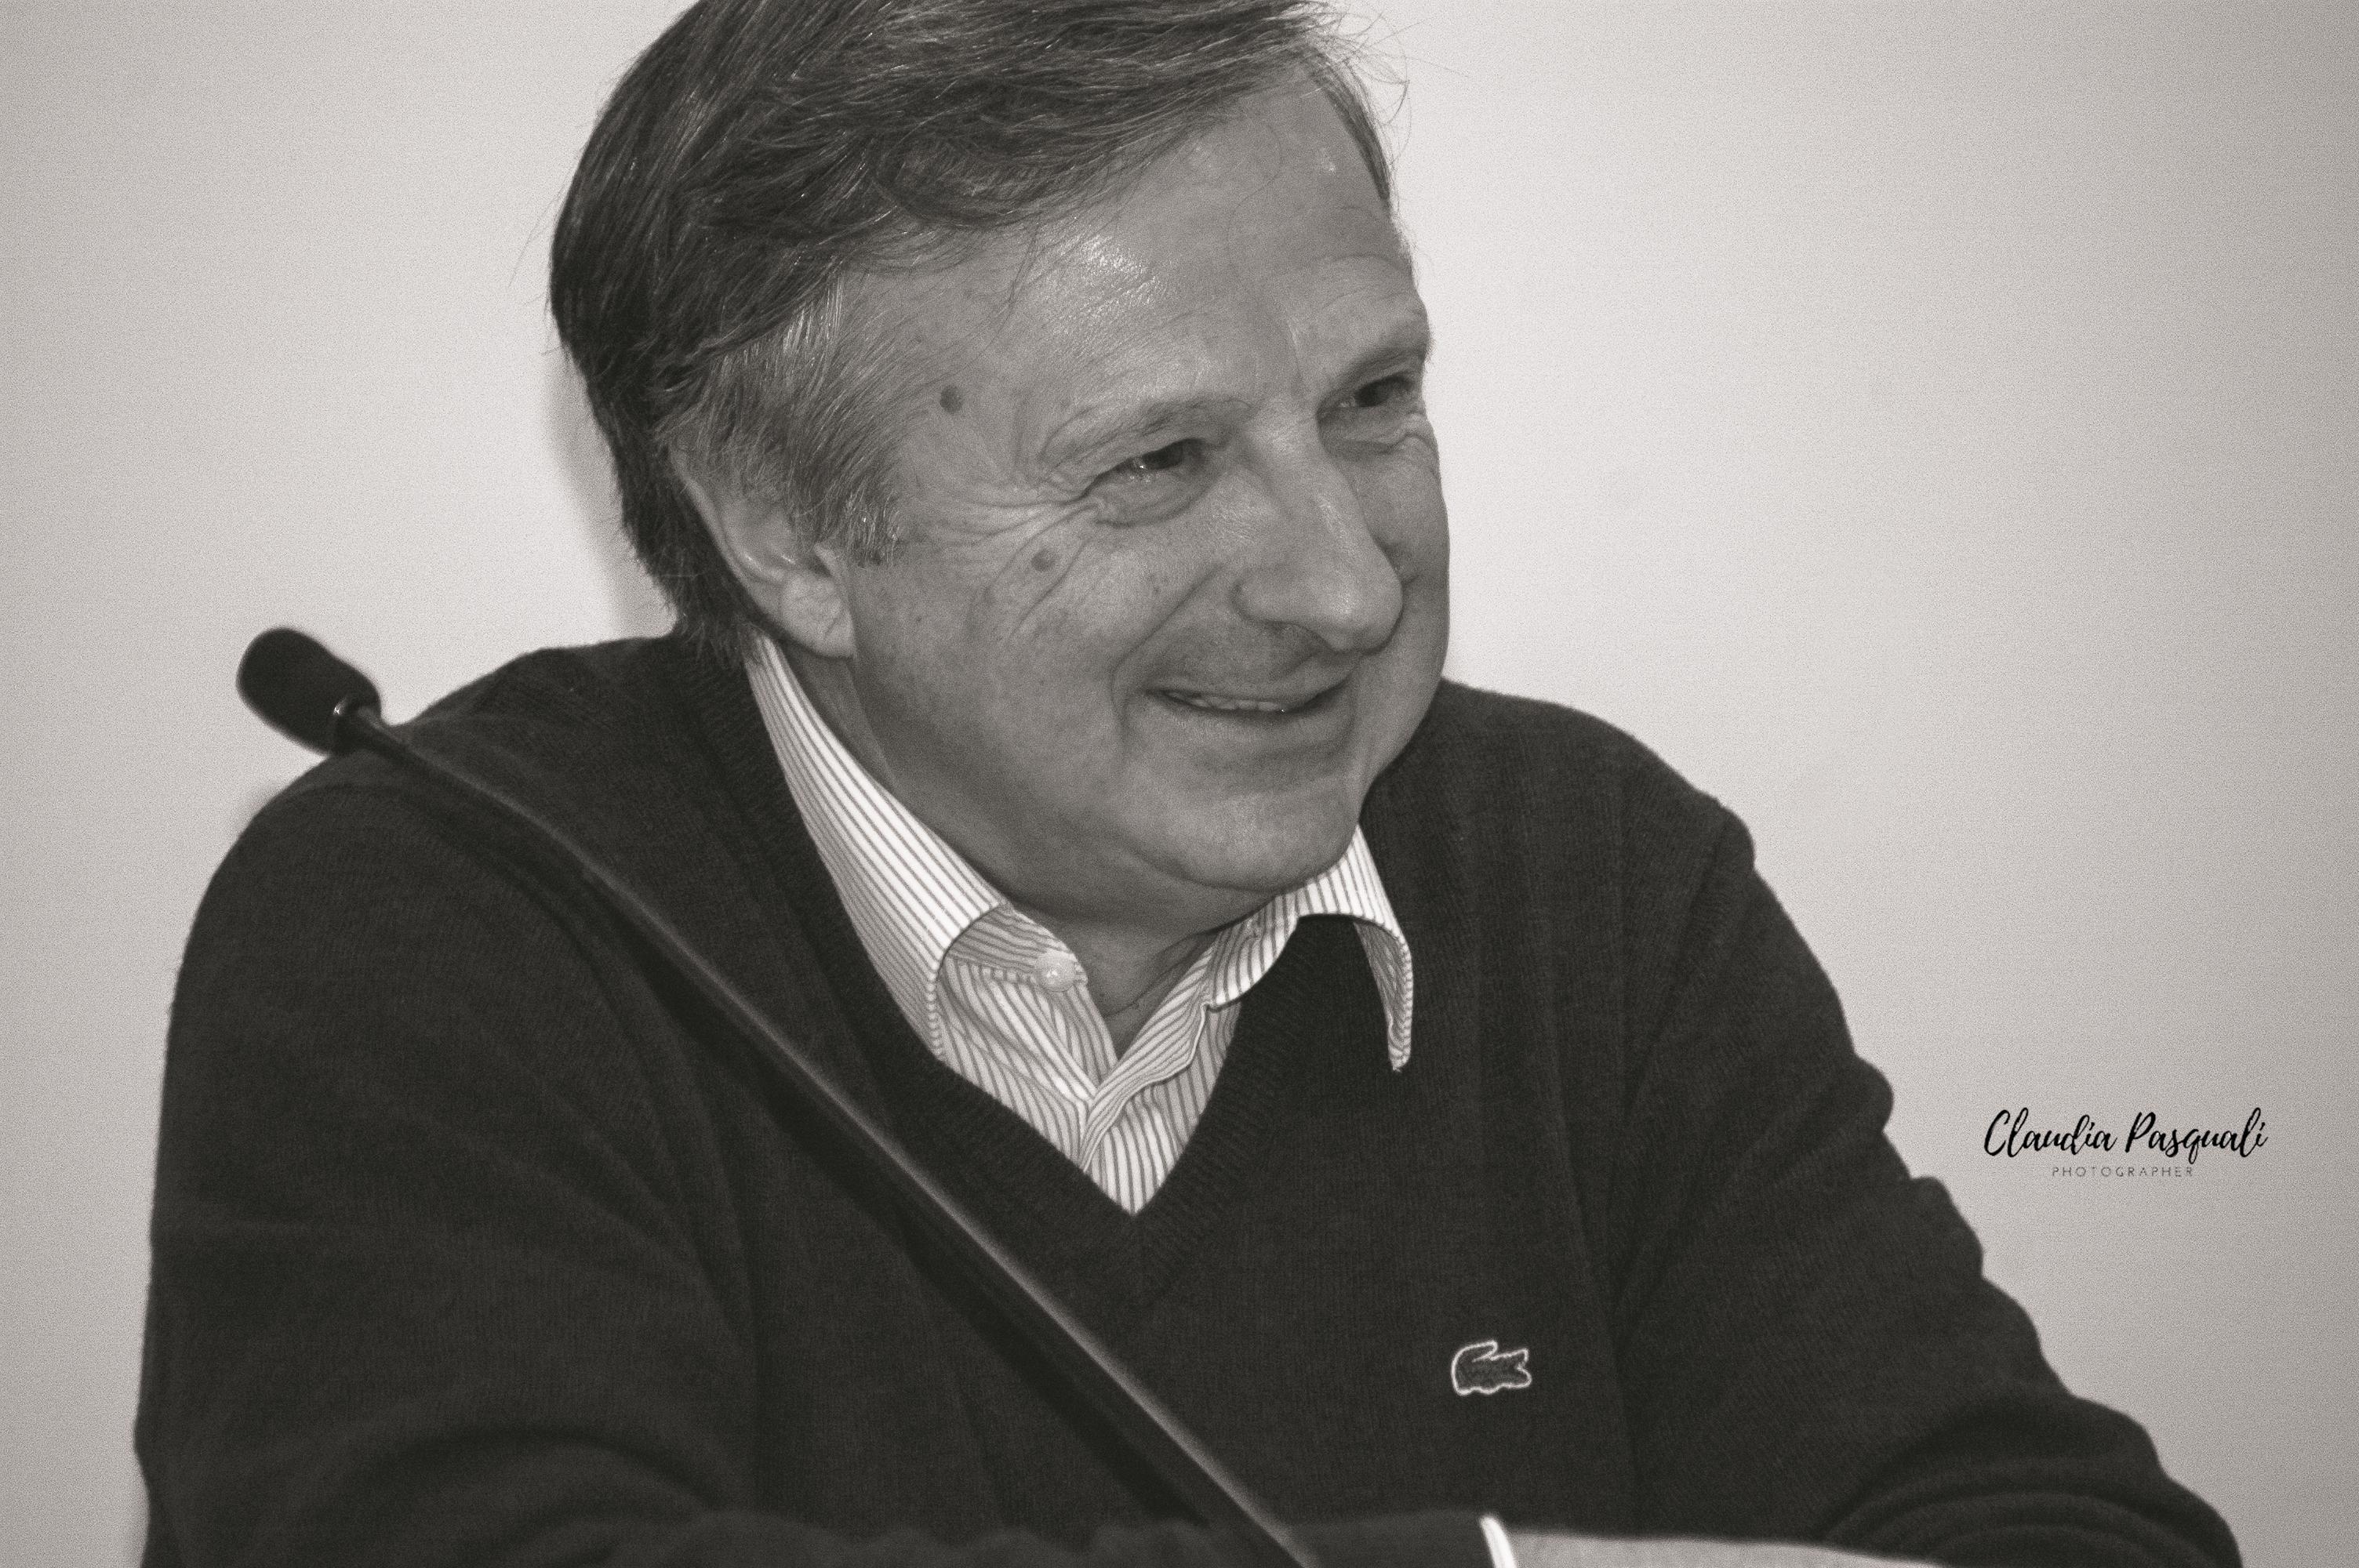 """Presentazione del libro di Marco Forneris """"Il nodo di seta"""" a Più Libri Più Liberi. Nella foto: l'autore Marco Forneris.."""